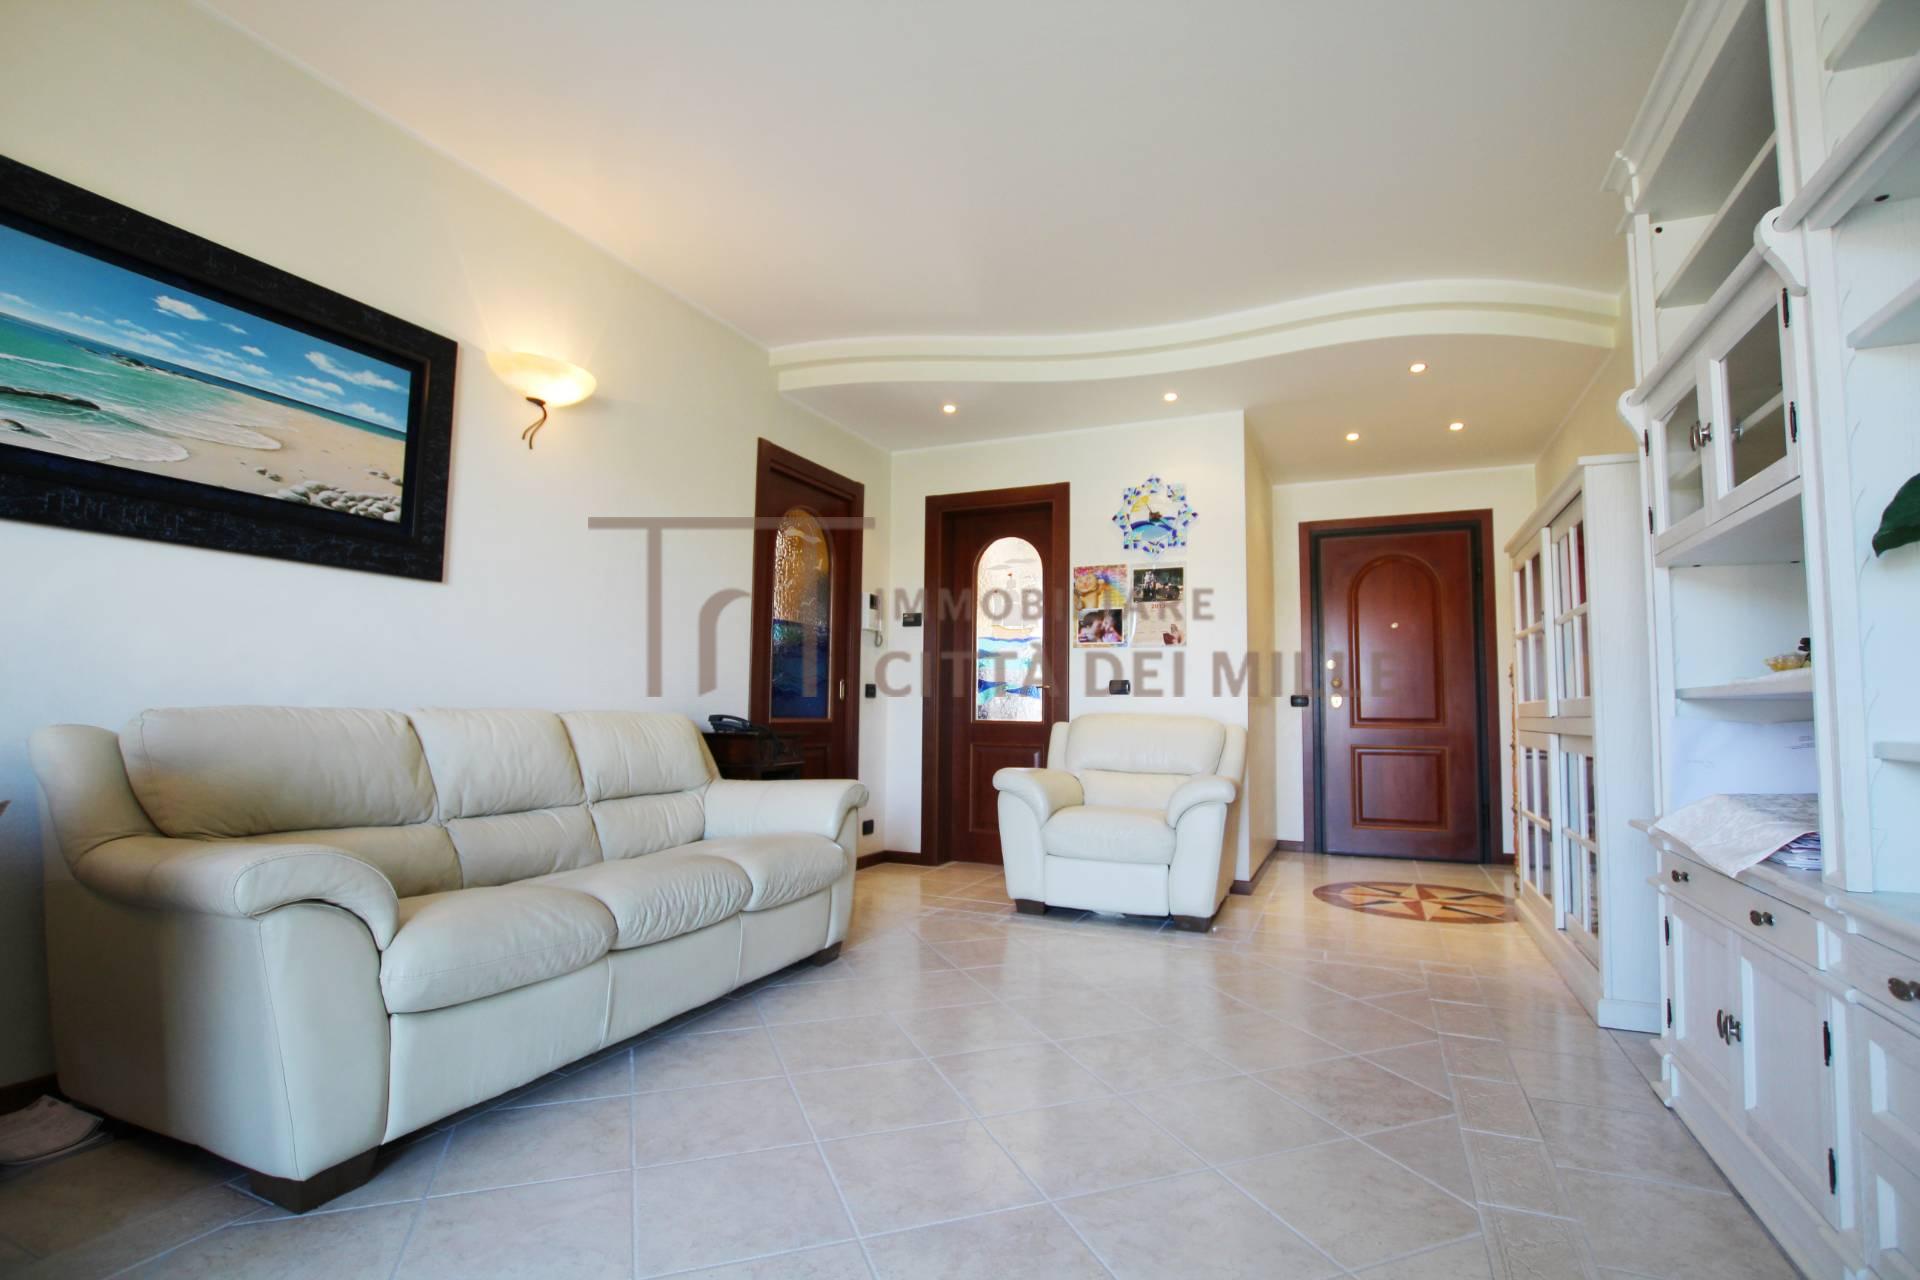 vendita appartamento bergamo longuelo  168000 euro  3 locali  90 mq